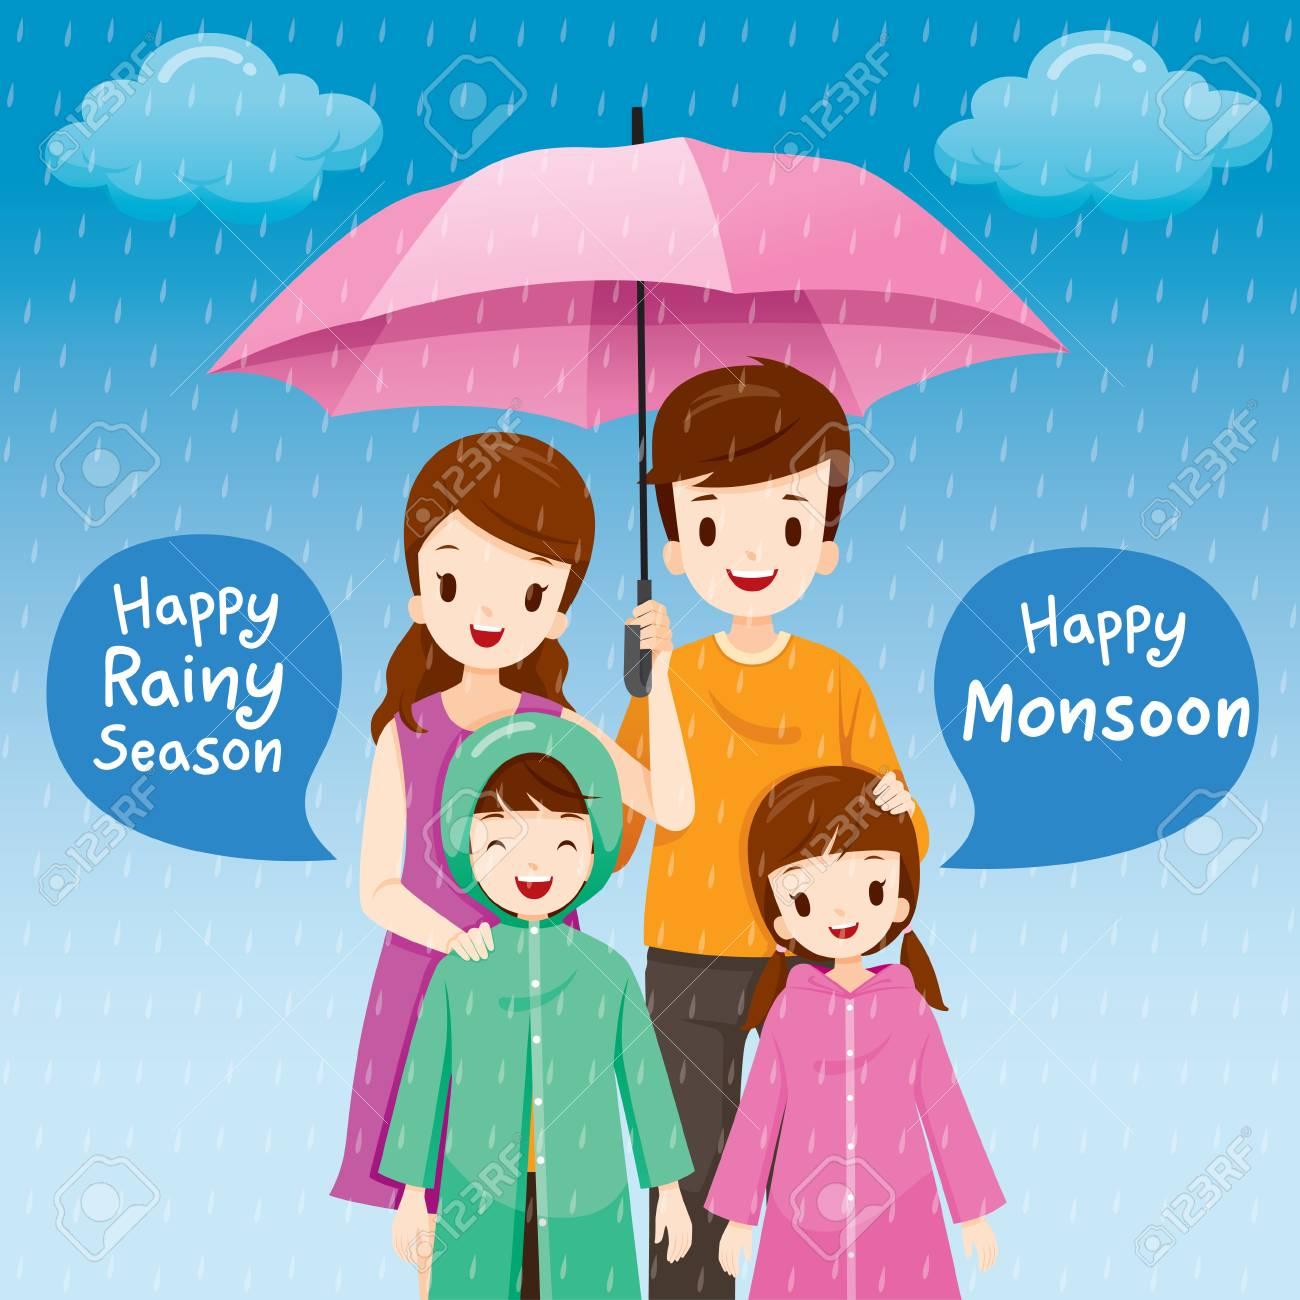 Parent And Children Under Umbrella Together In The Rain Children